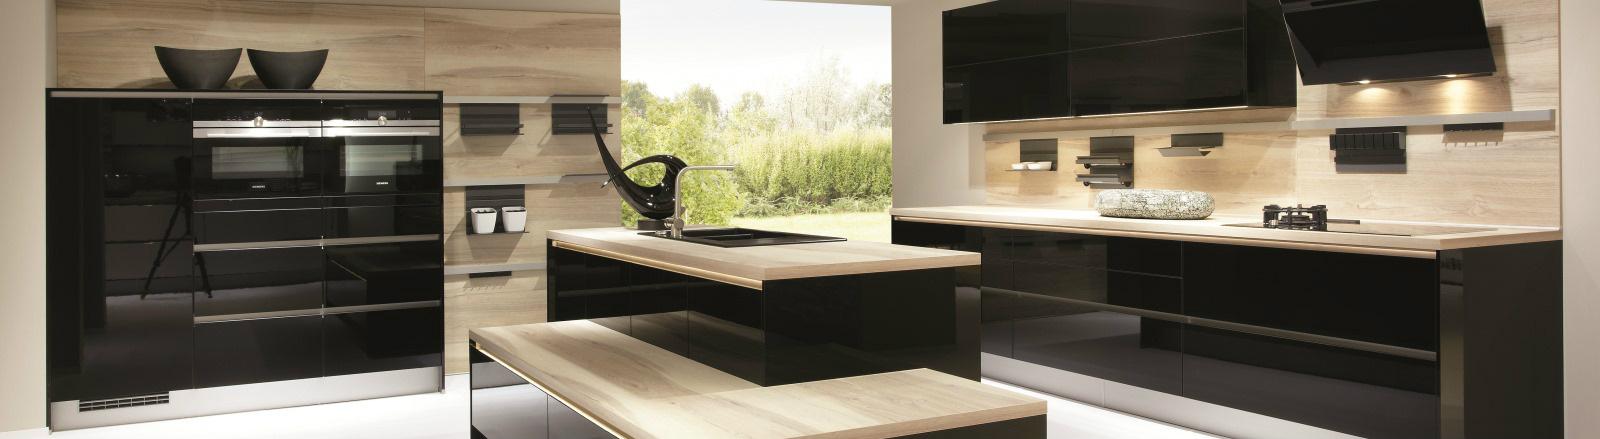 concevoir une cuisine en 3d sofag. Black Bedroom Furniture Sets. Home Design Ideas